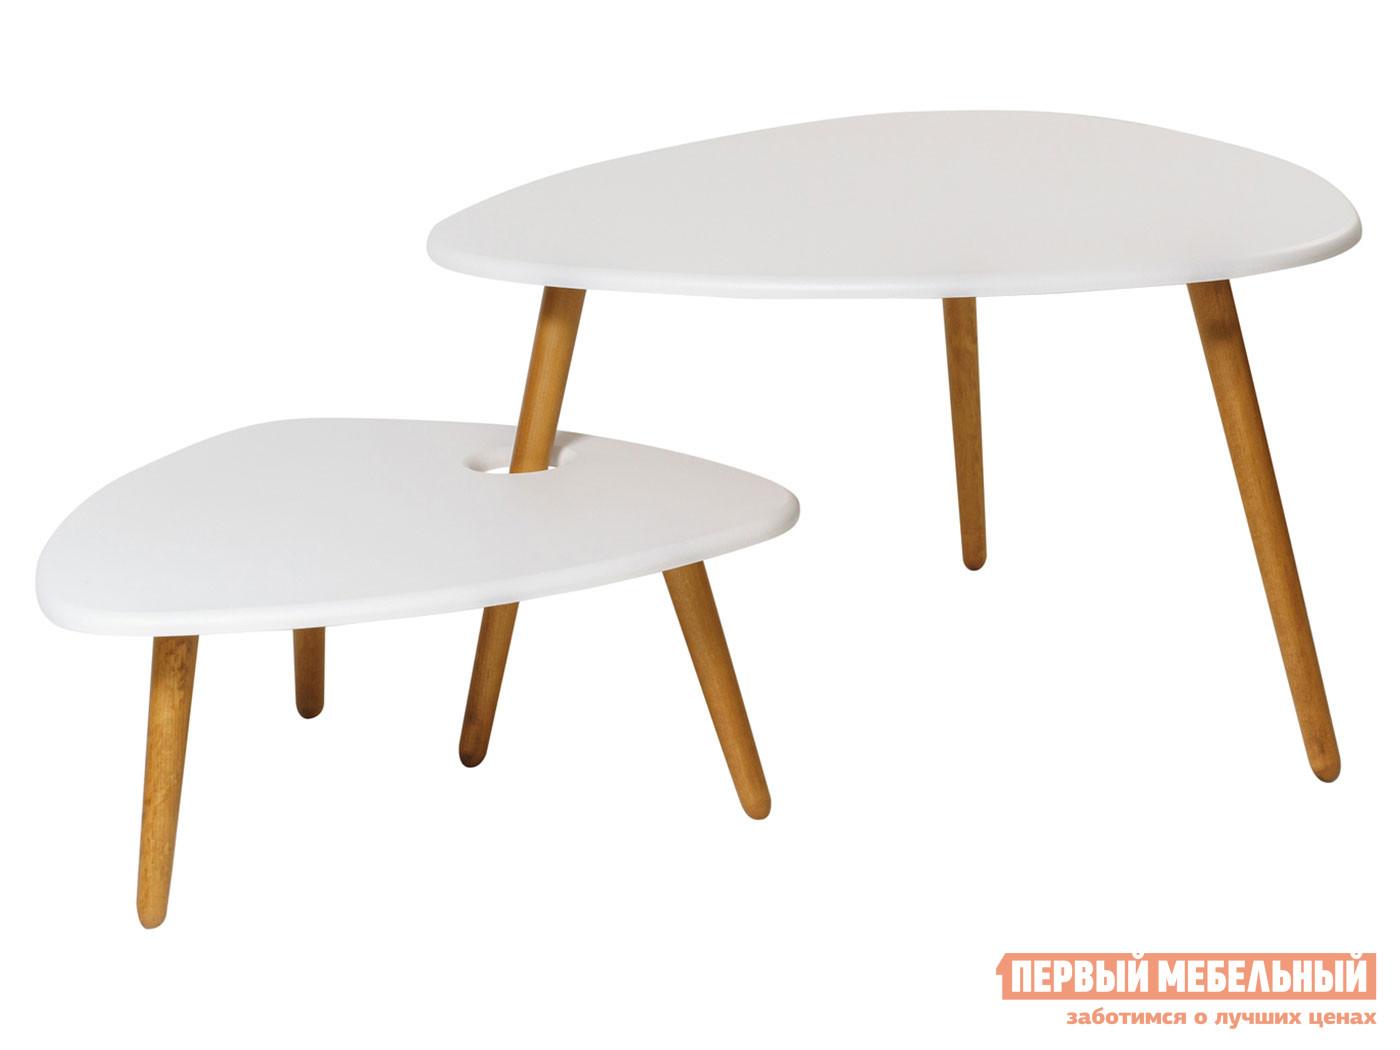 Журнальный столик Мебелик Журнальный столик Стилгрей